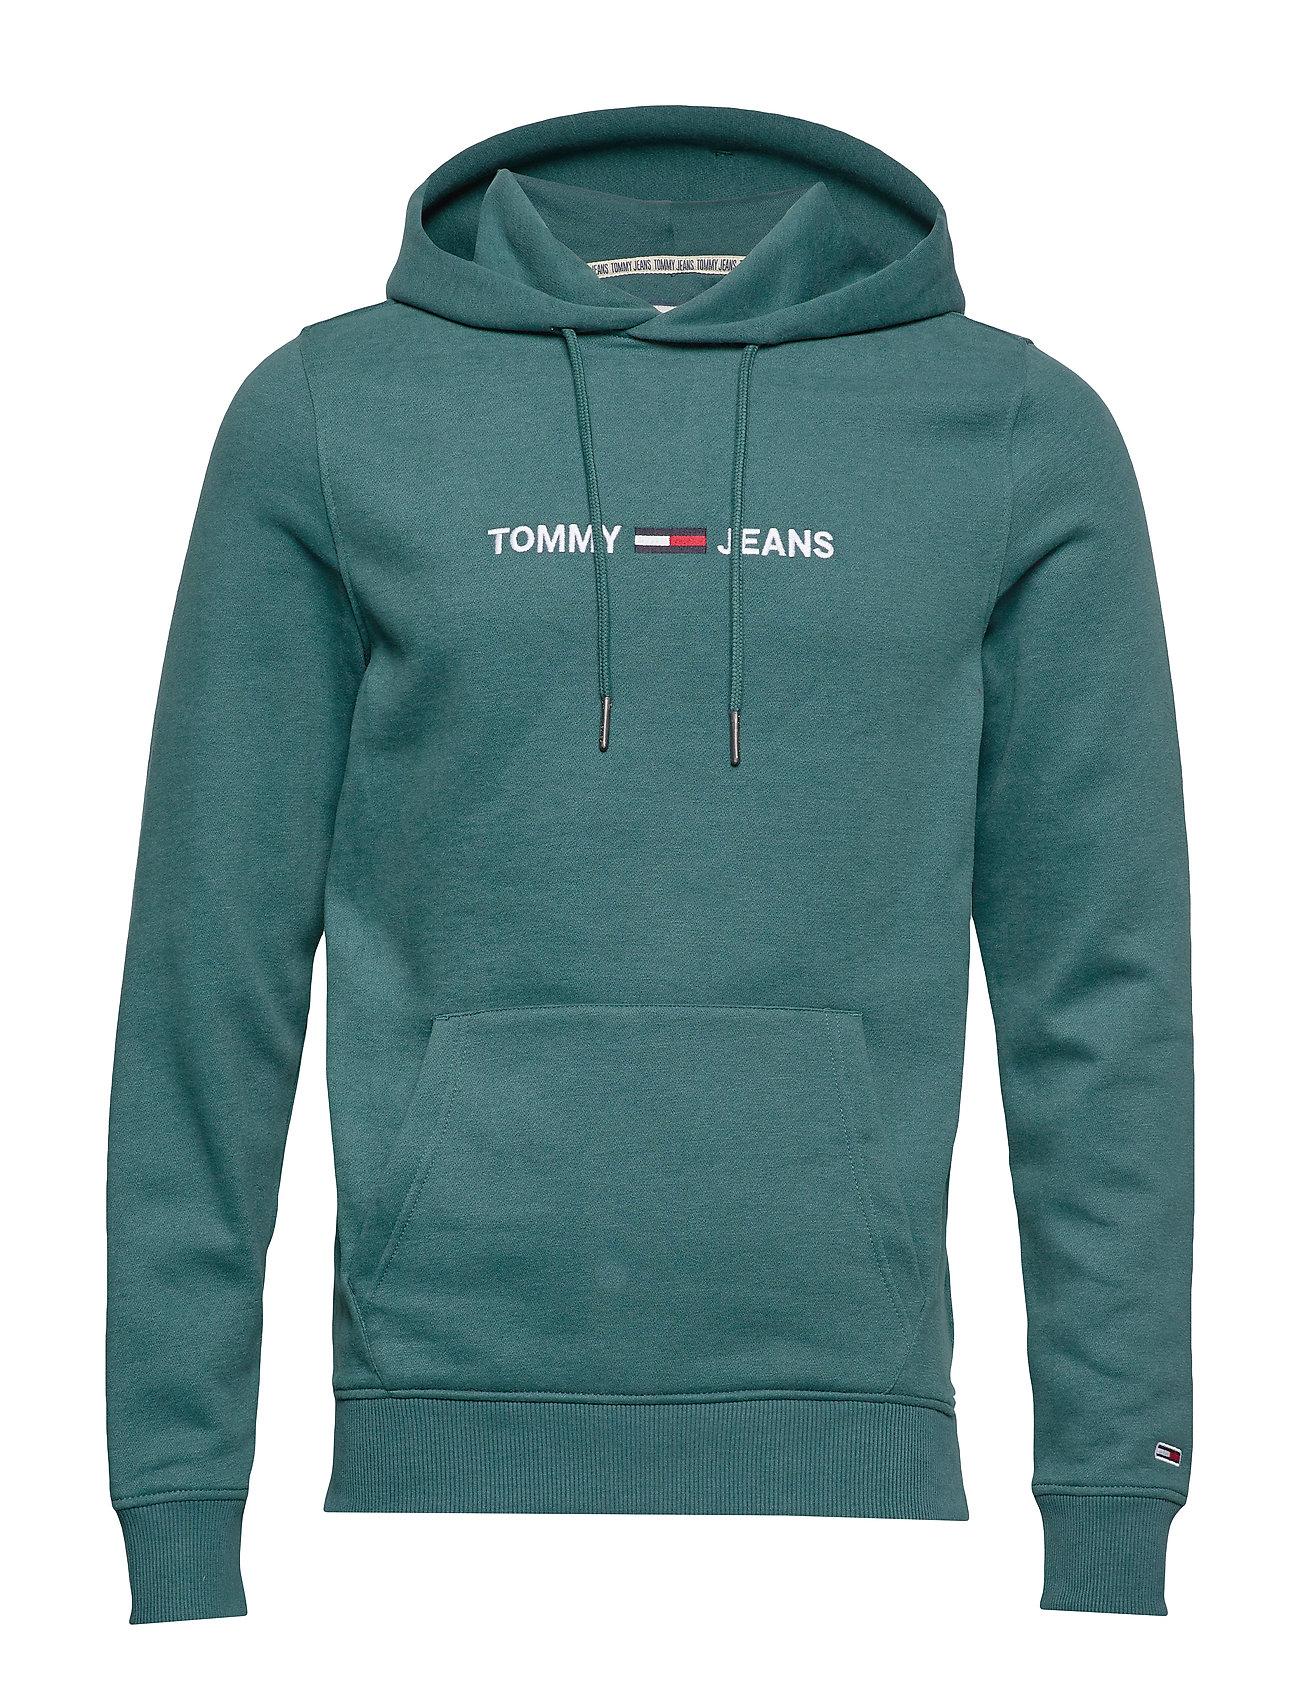 Tommy Jeans TJM STRAIGHT LOGO HOODIE - ATLANTIC DEEP